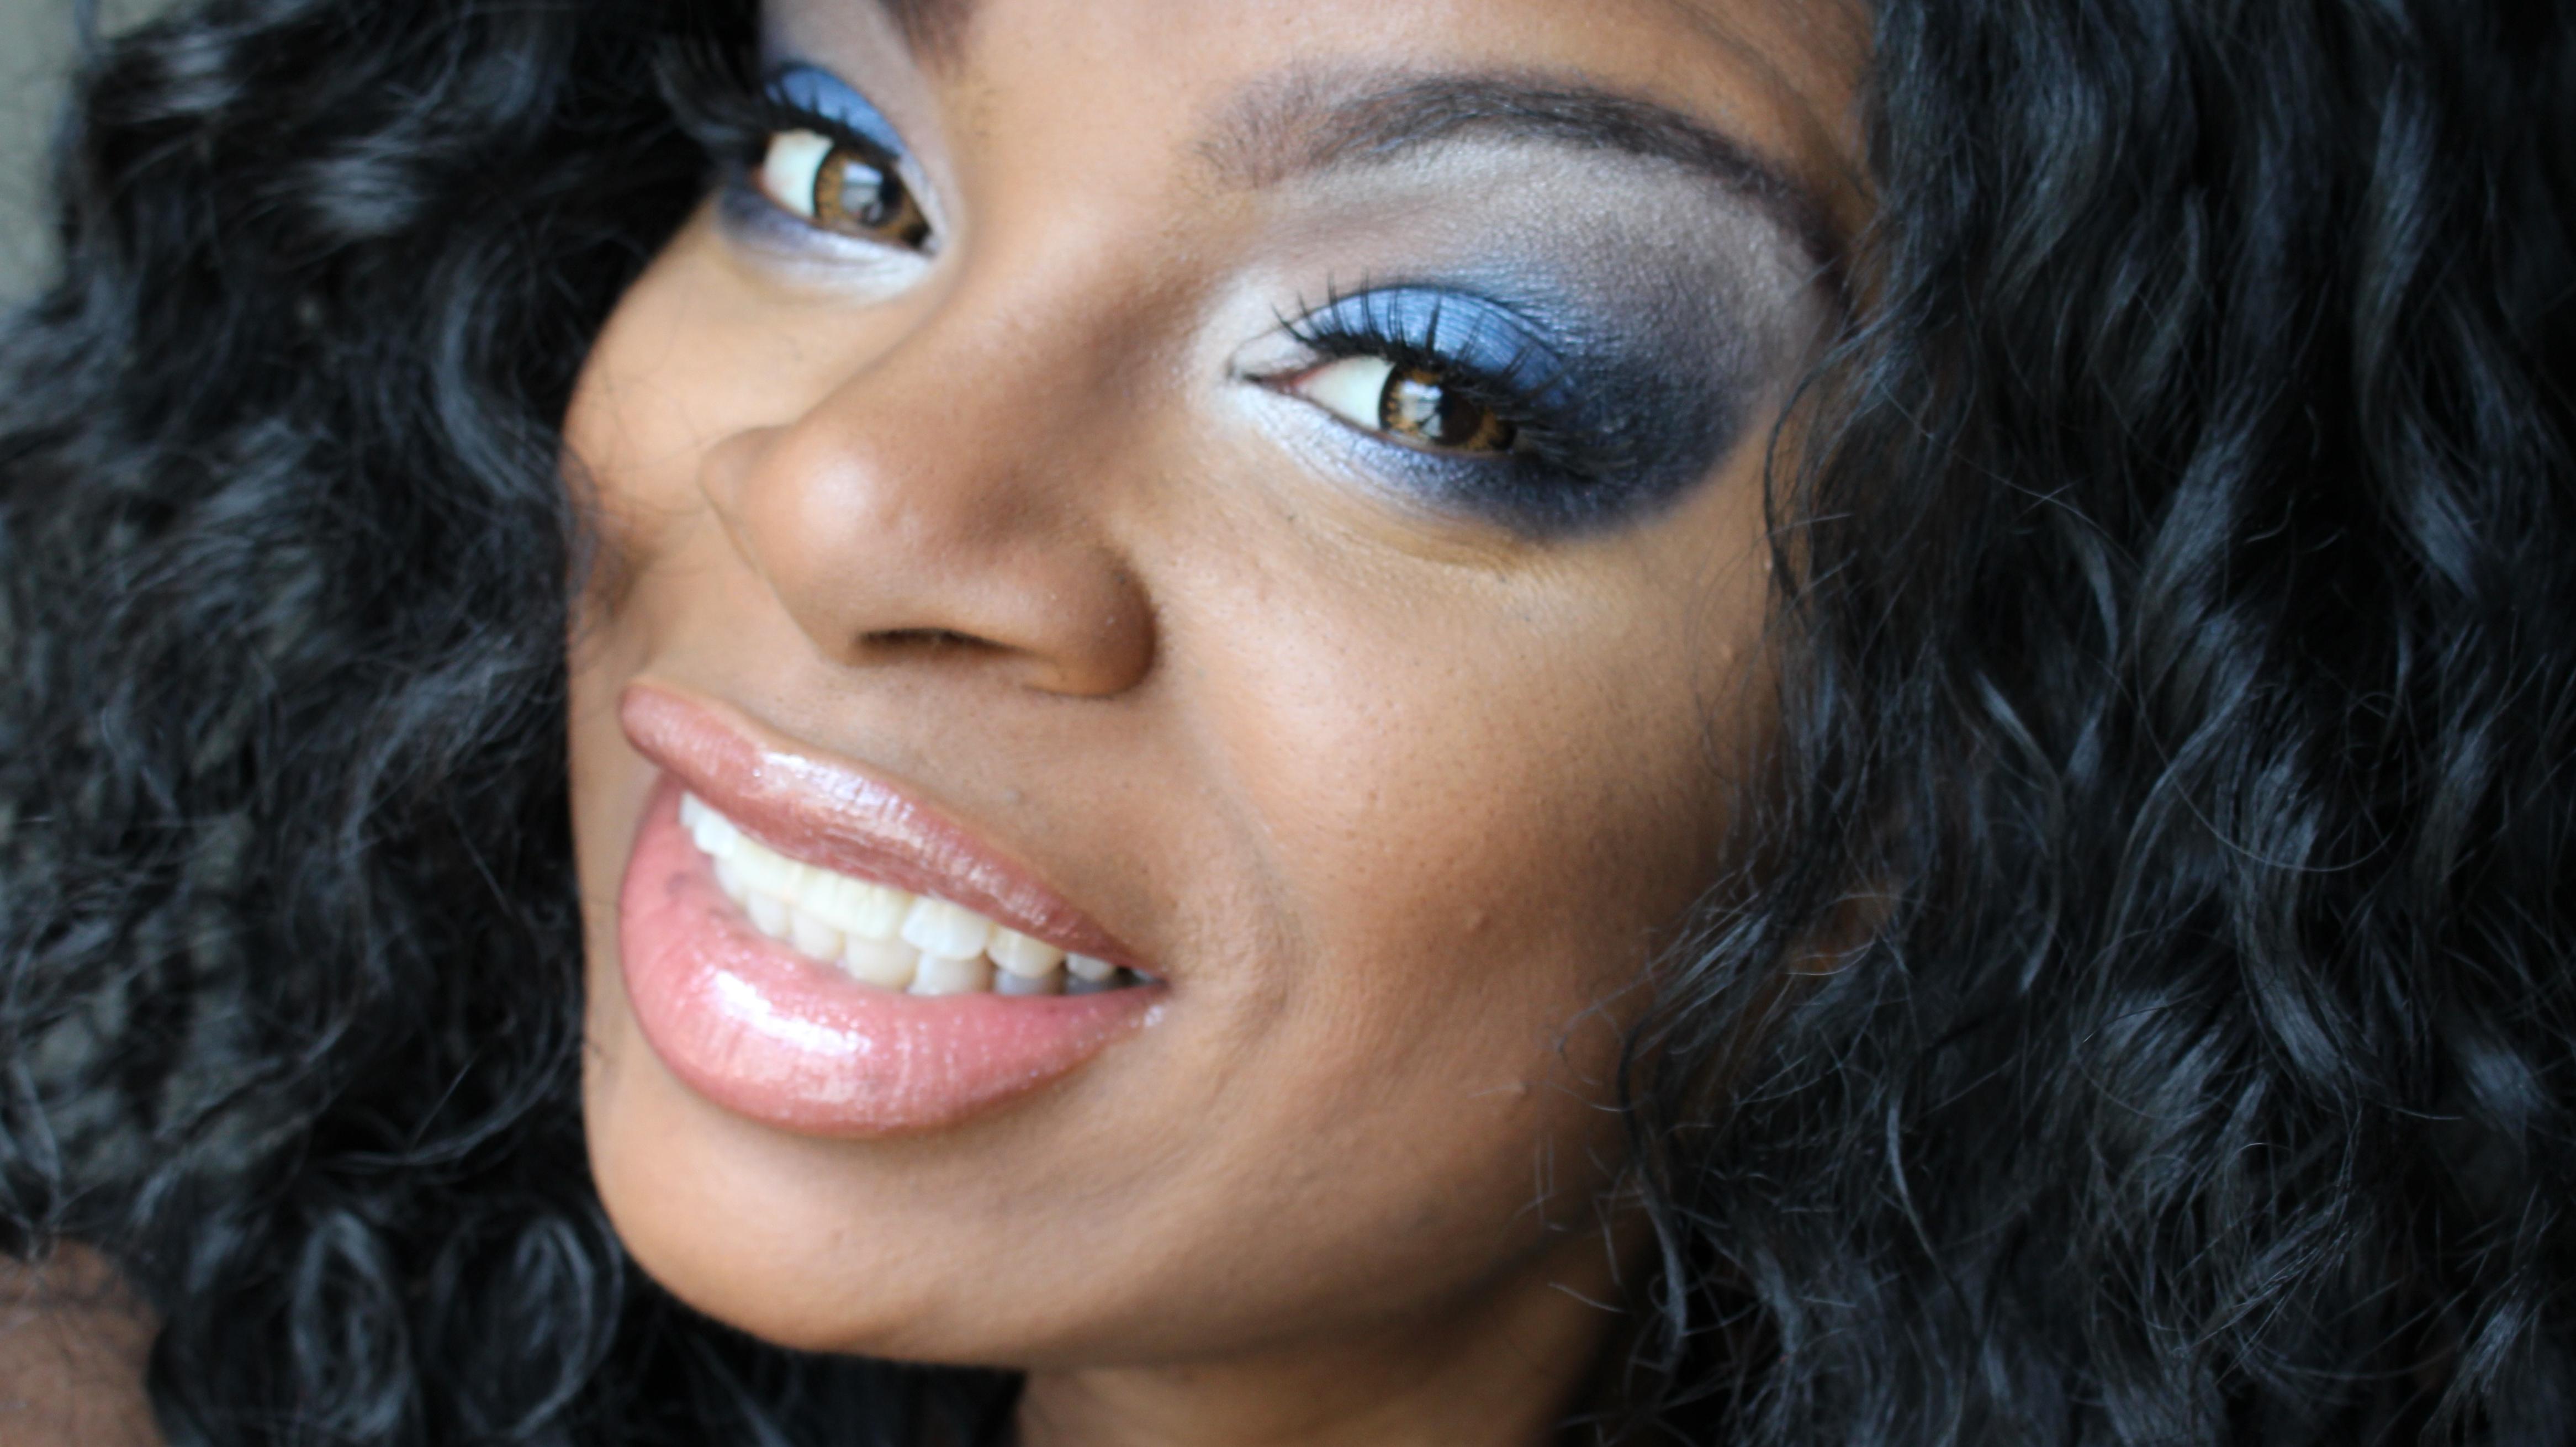 Kostenlose Bild Porträt Frau Leute Mädchen Make Up